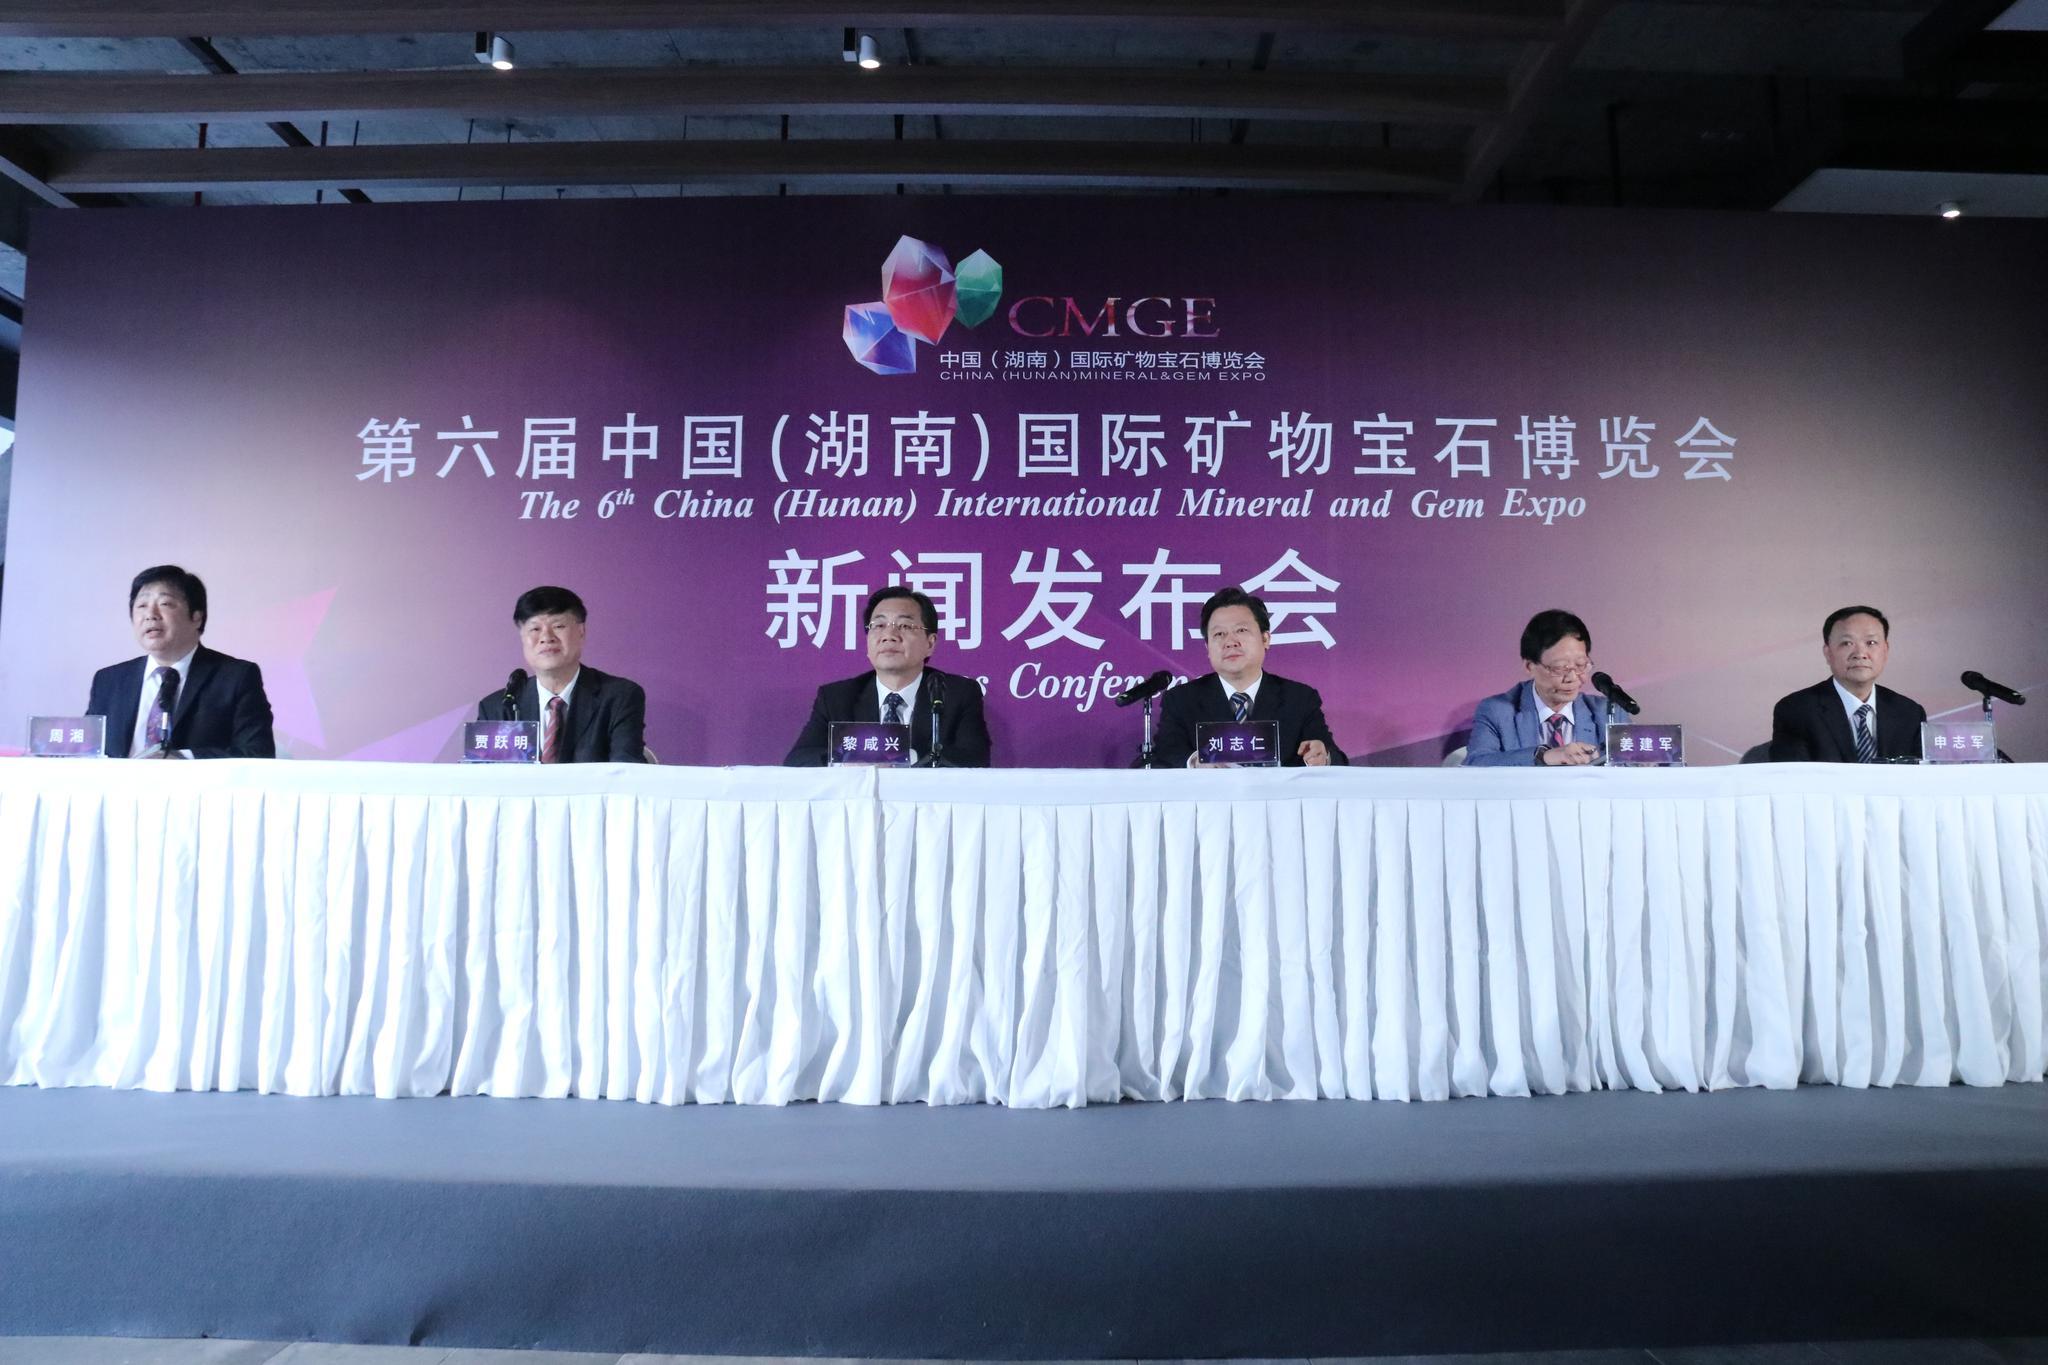 第六届矿博会将在湖南郴州举办